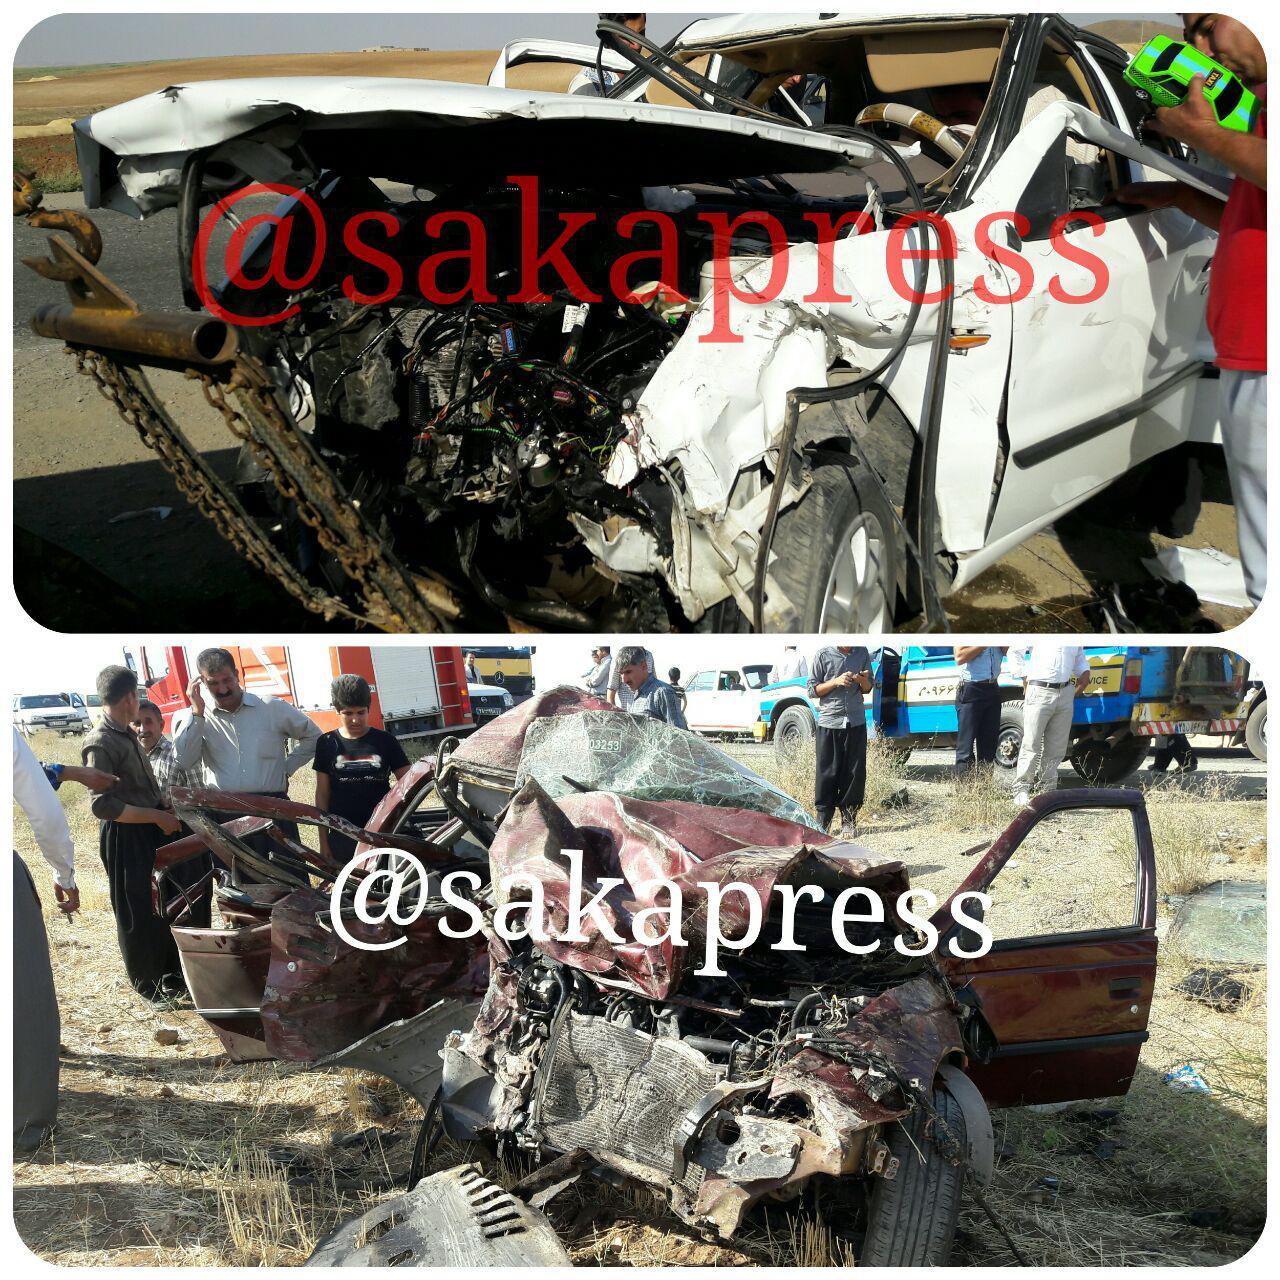 ۱۳ کشته و زخمی در تصادف محور سقز دیواندره